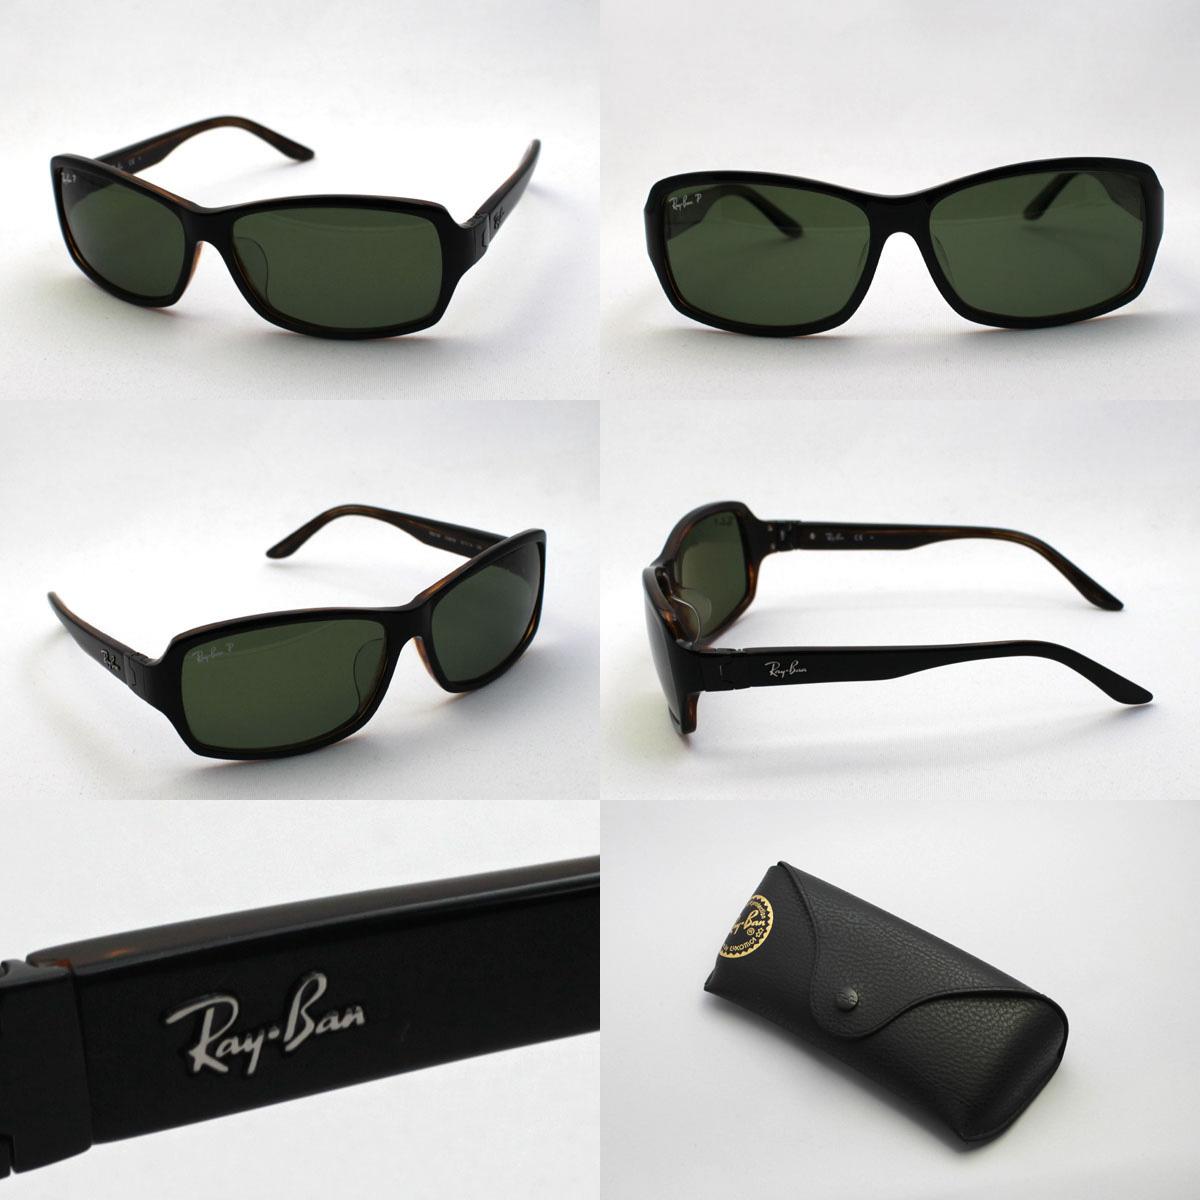 要点最大26倍雷斑偏光太阳眼镜Ray-Ban RB2158 103658女子的男子的RayBan